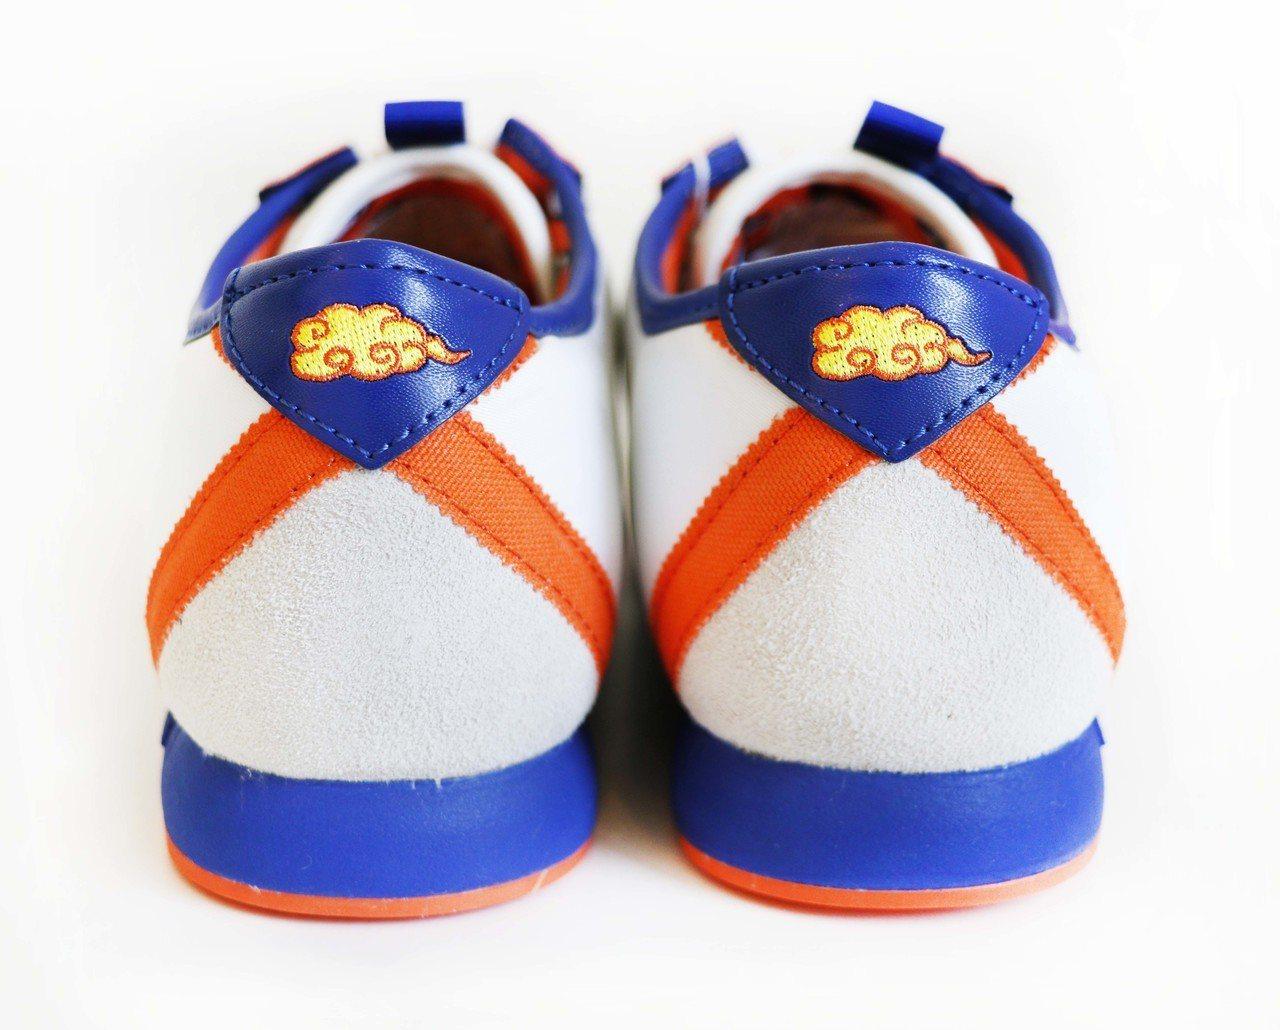 孫悟空鞋款後跟觔斗雲圖形。圖/滿心企業提供